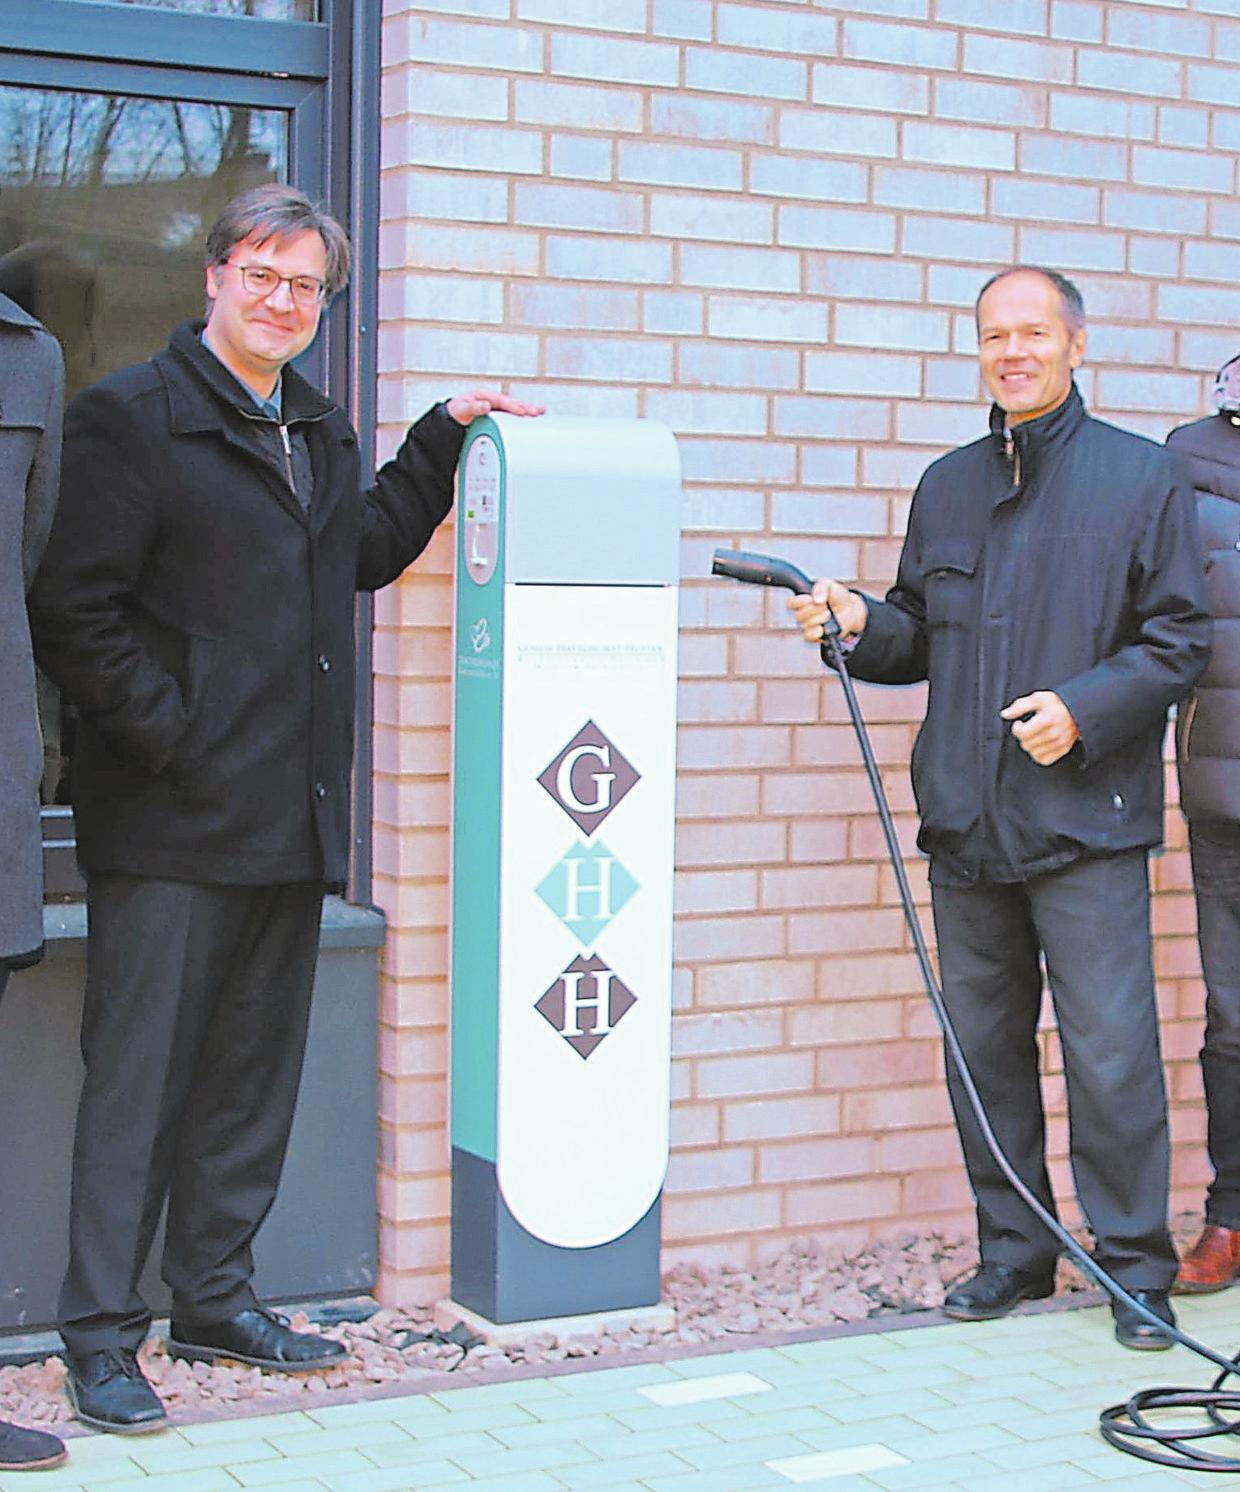 Vor dem Gebäude befinden sich auch zwei E-Ladestationen, die in Zusammenarbeit mit den Stadtwerken Ahlen betrieben werden.